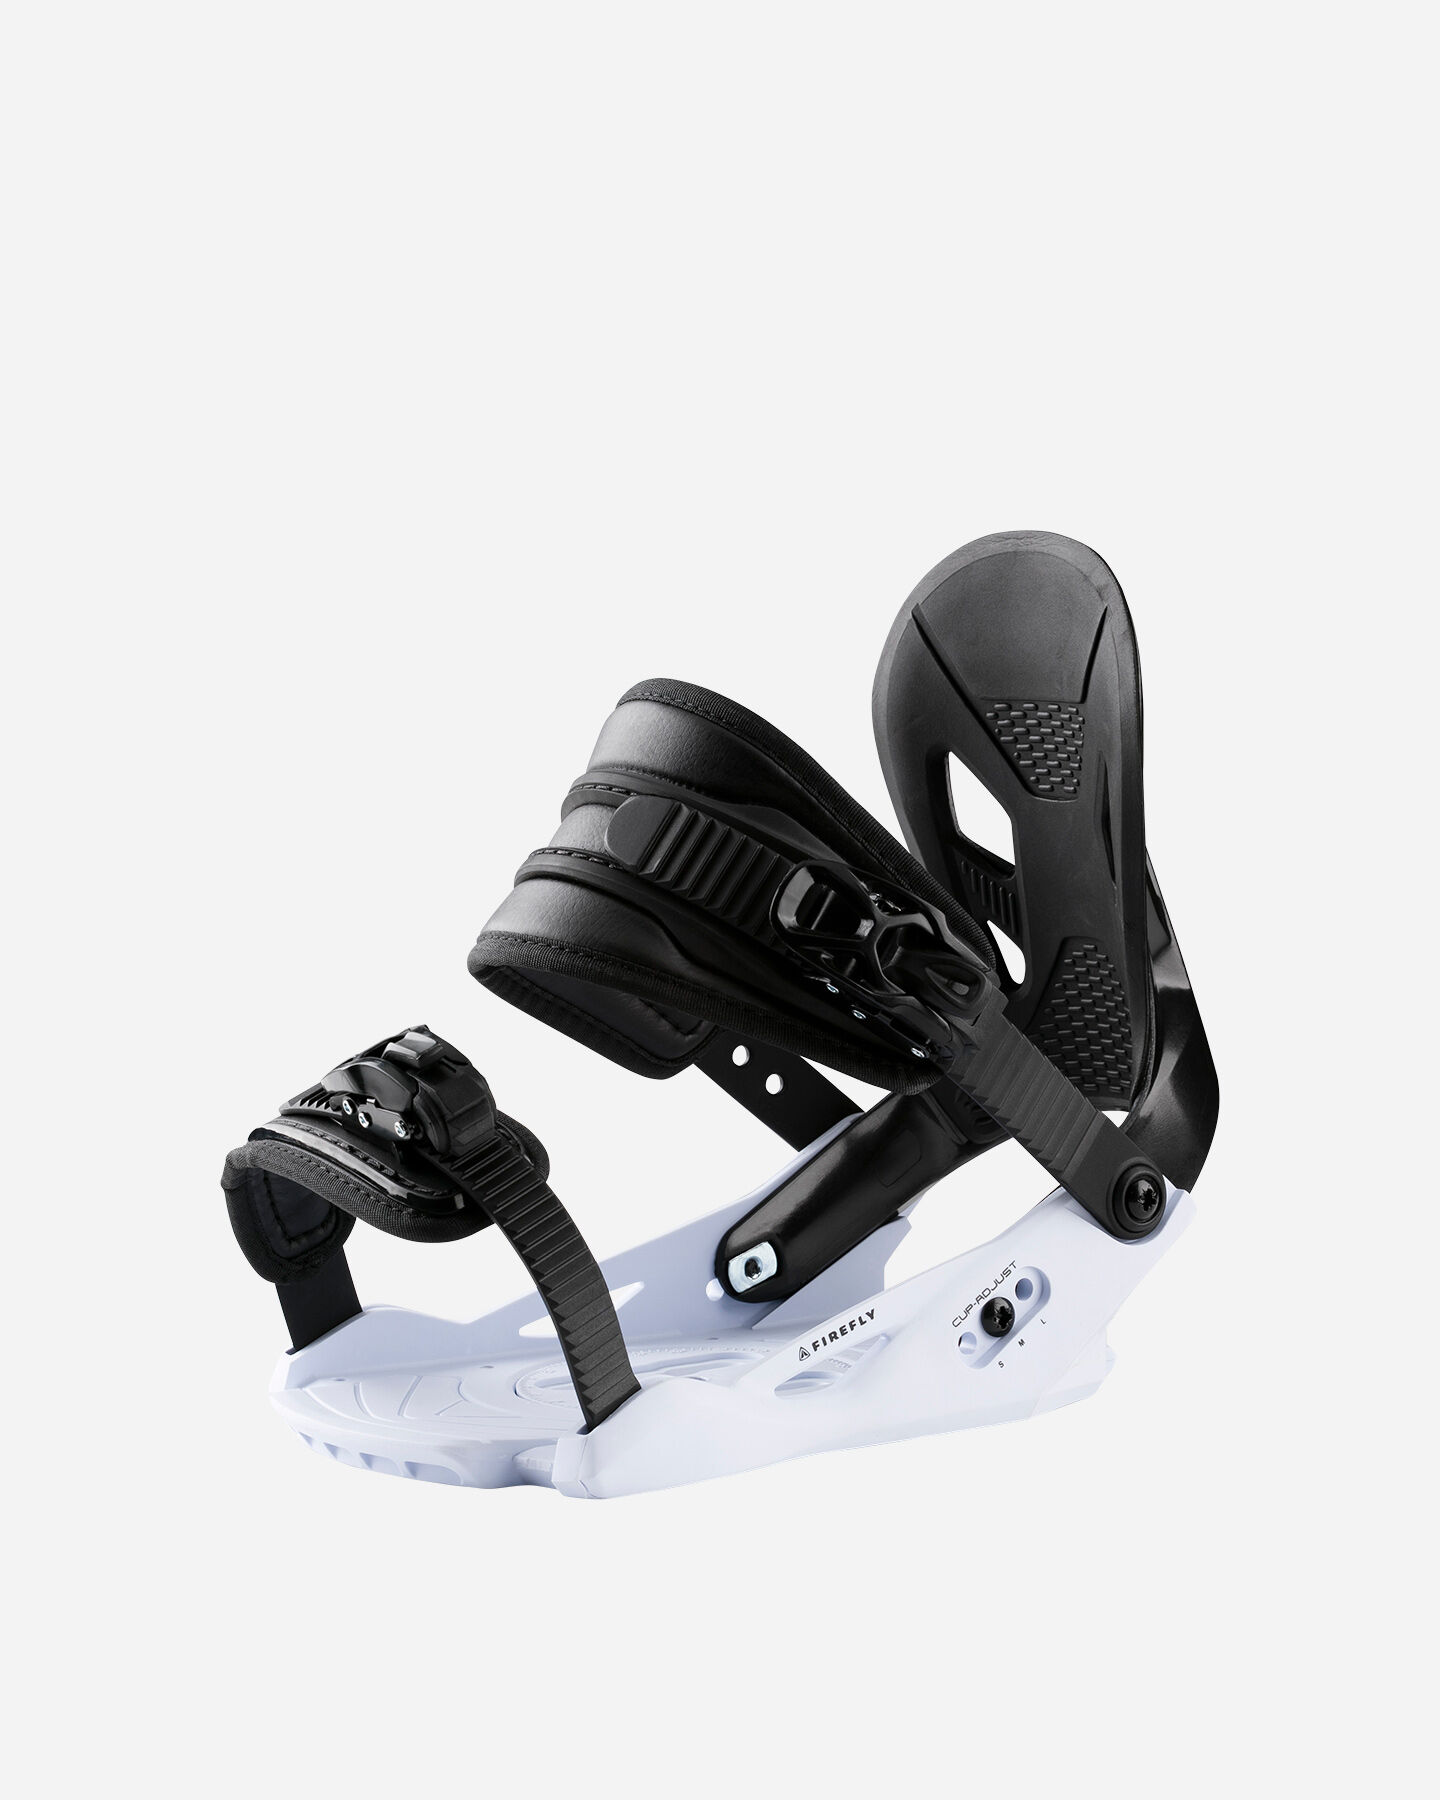 Attacchi snowboard FIREFLY C2 S2001977 900 L scatto 2